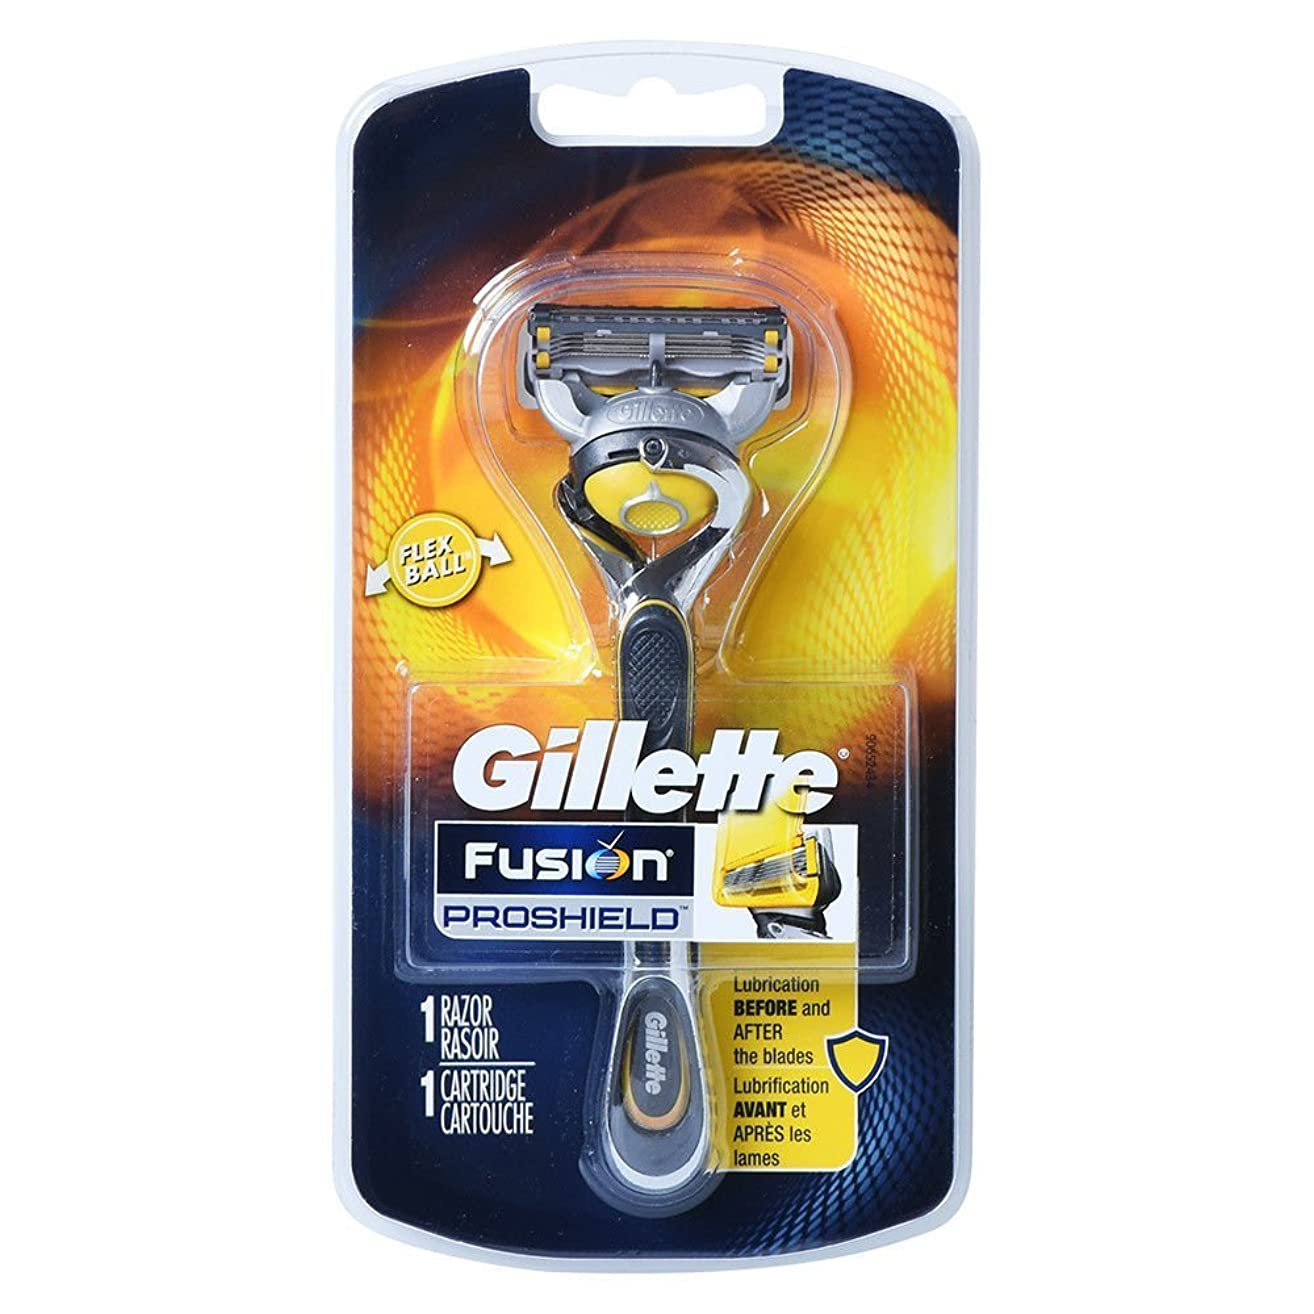 技術者いつでも原理Gillette Fusion Proshield Yellow フレックスボール剃刀でメンズカミソリ Refrills 1 [並行輸入品]